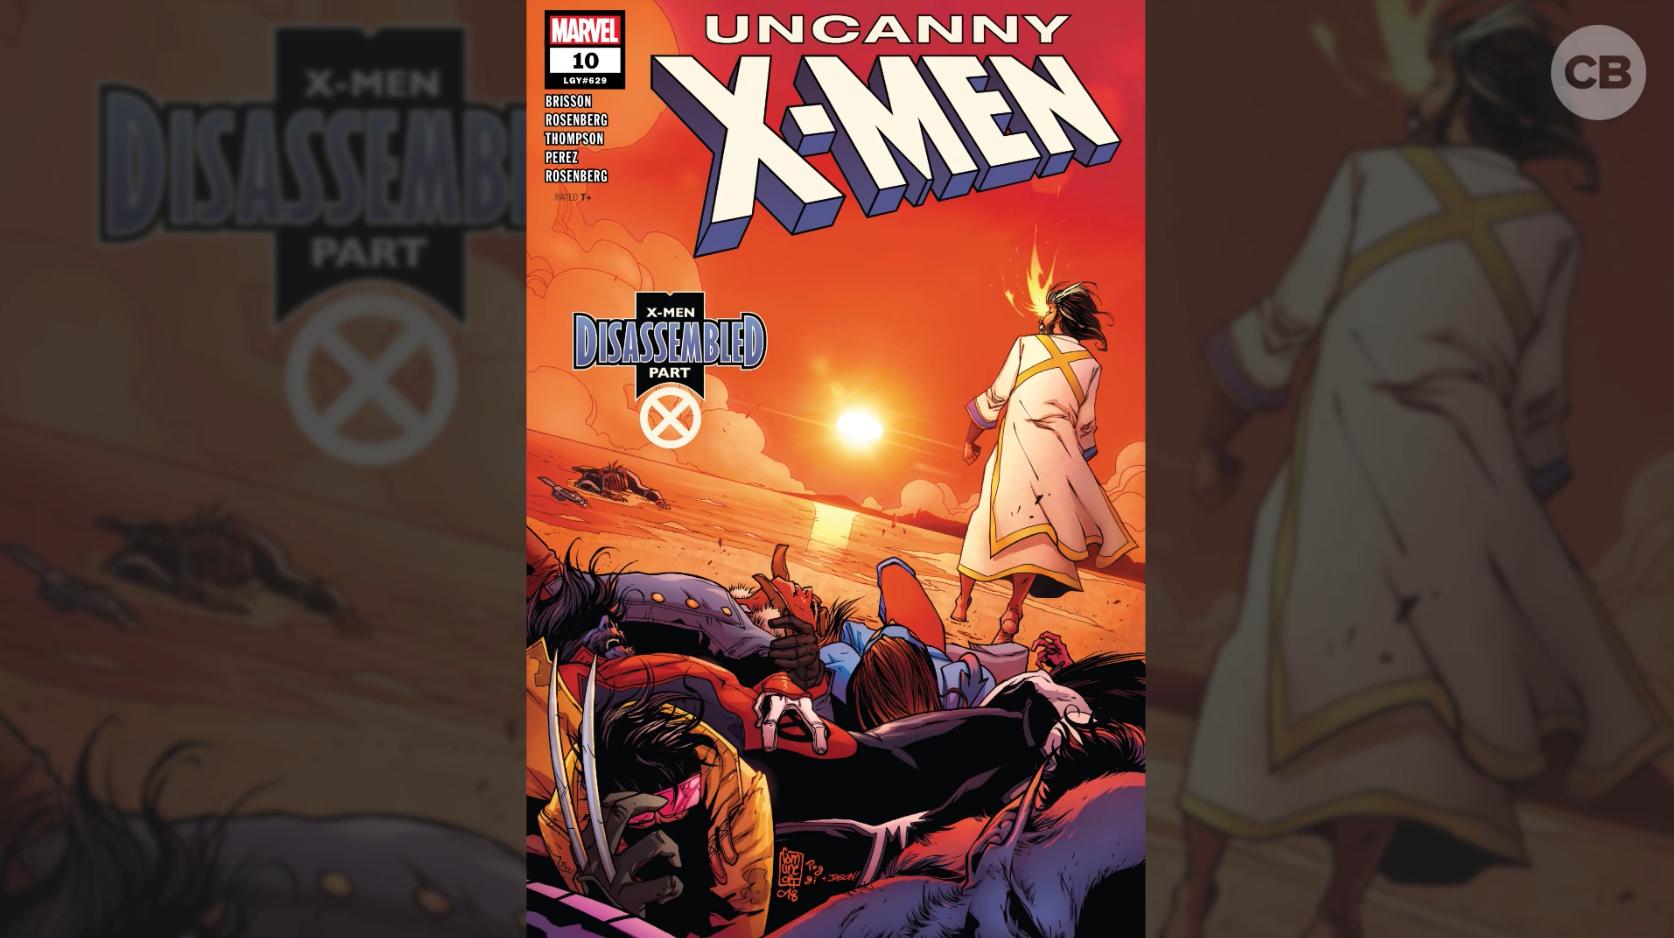 This Week in Comics: Uncanny X-Men #10 screen capture